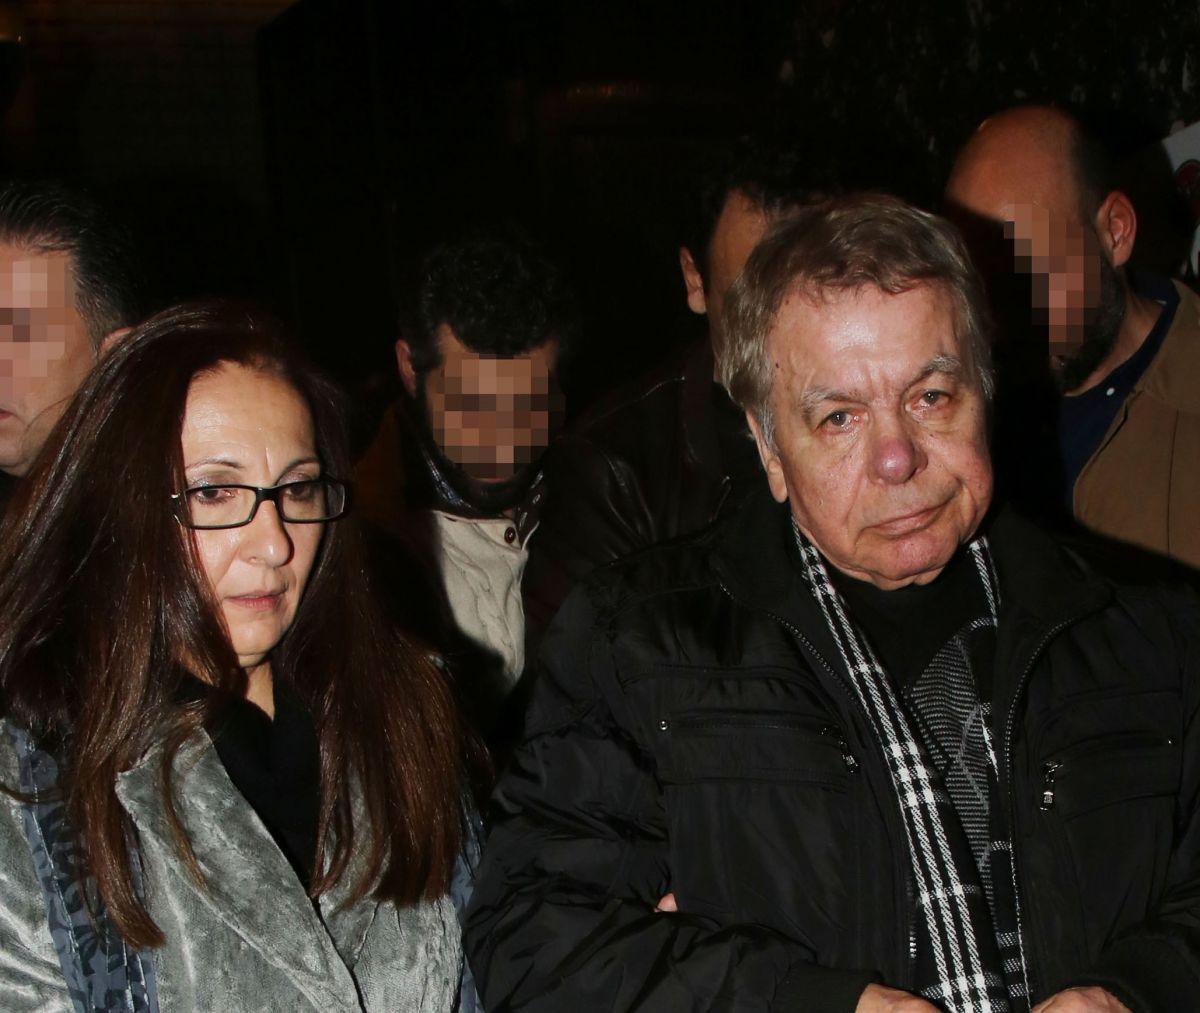 """Γιάννης Πουλόπουλος: Η σύζυγος του """"σπάει"""" της σιωπή της έναν χρόνο μετά τον θάνατο του"""